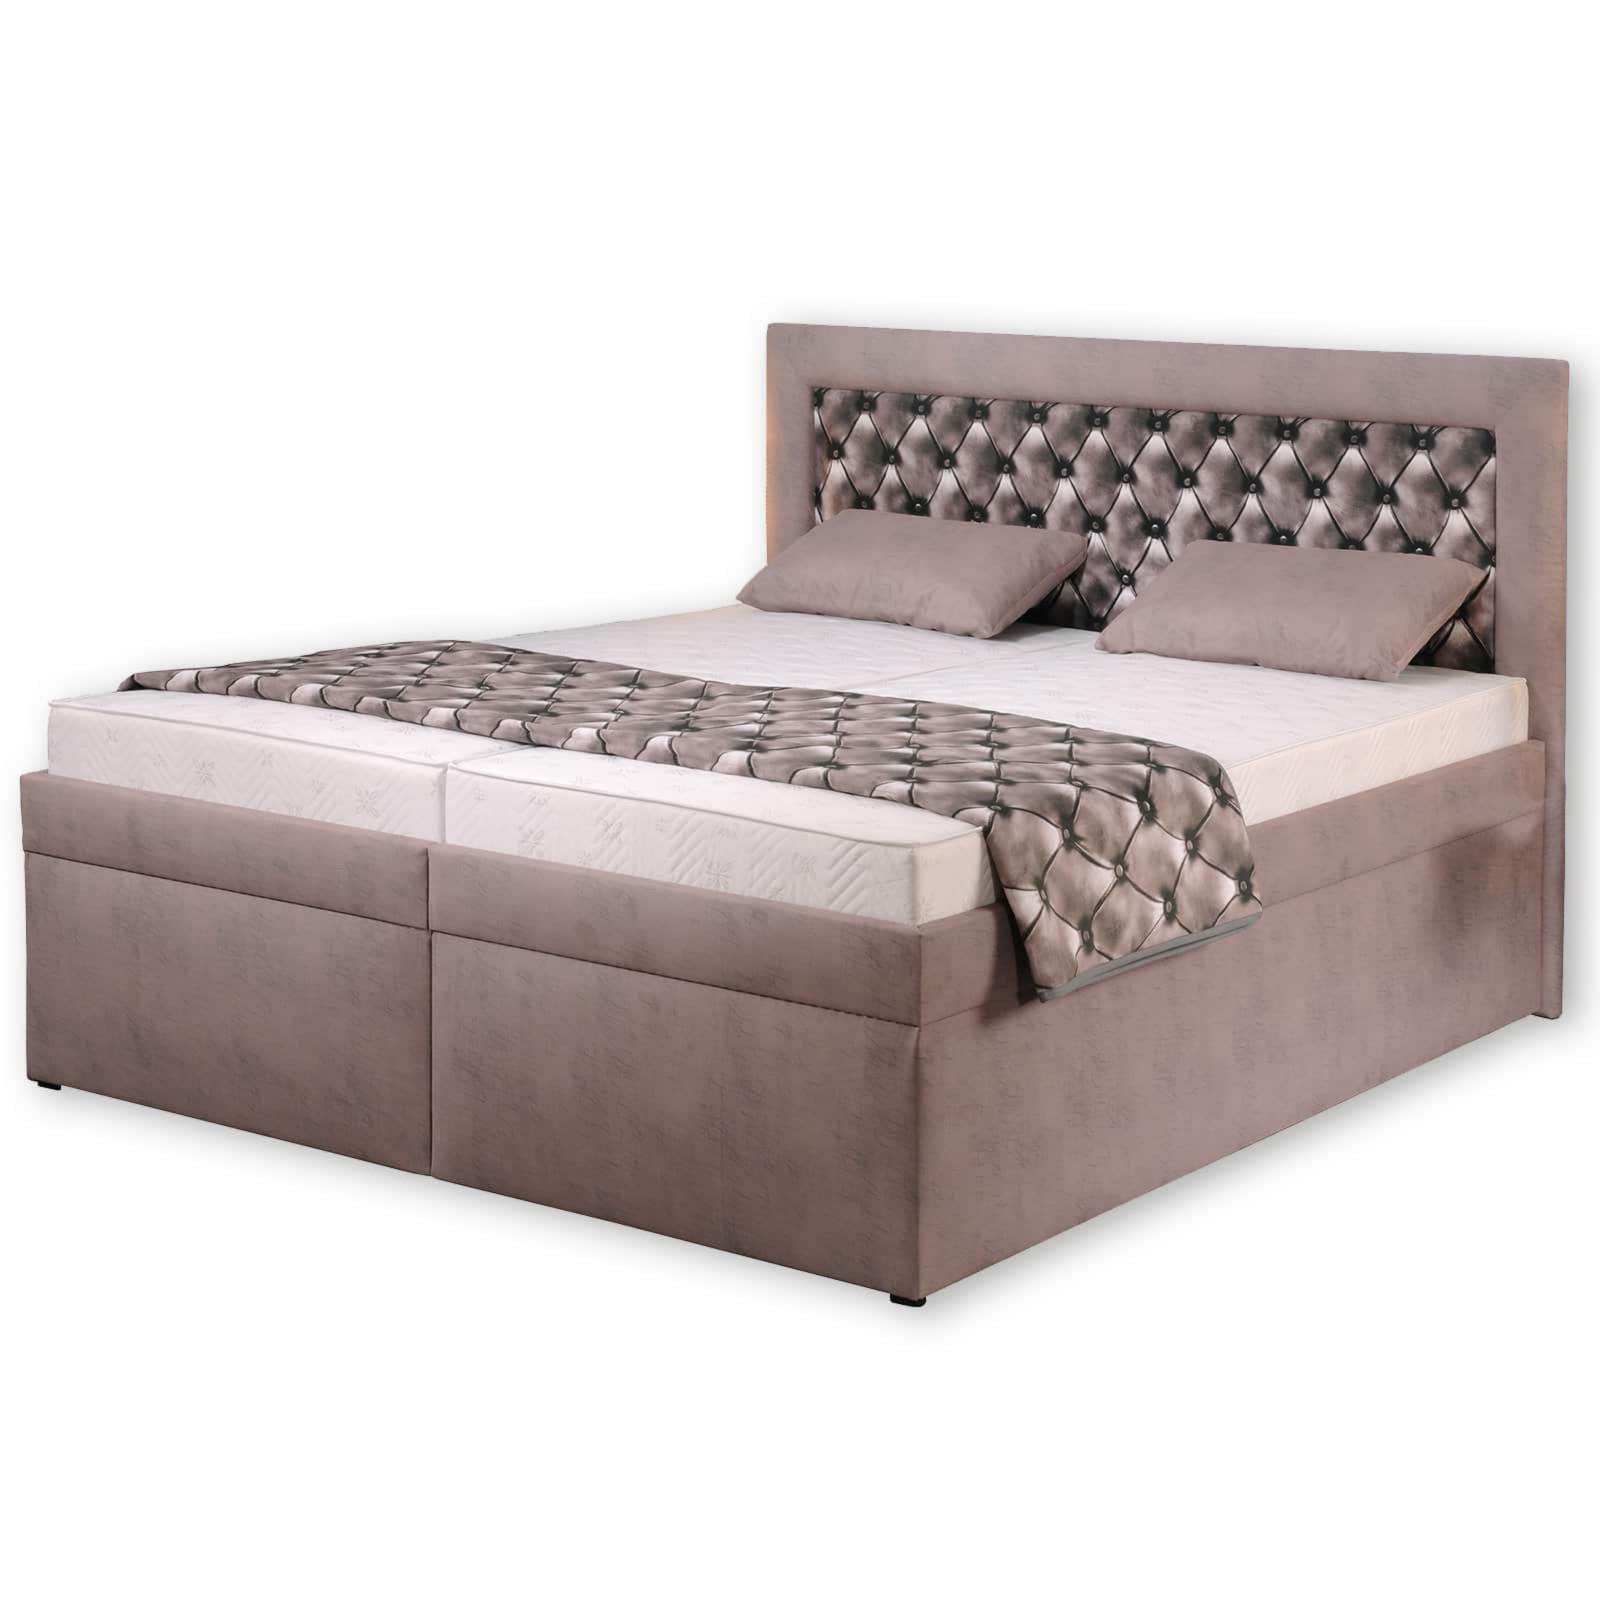 polsterbett roma hellbraun taupe 180x200 cm h2 polsterbetten betten m bel roller. Black Bedroom Furniture Sets. Home Design Ideas